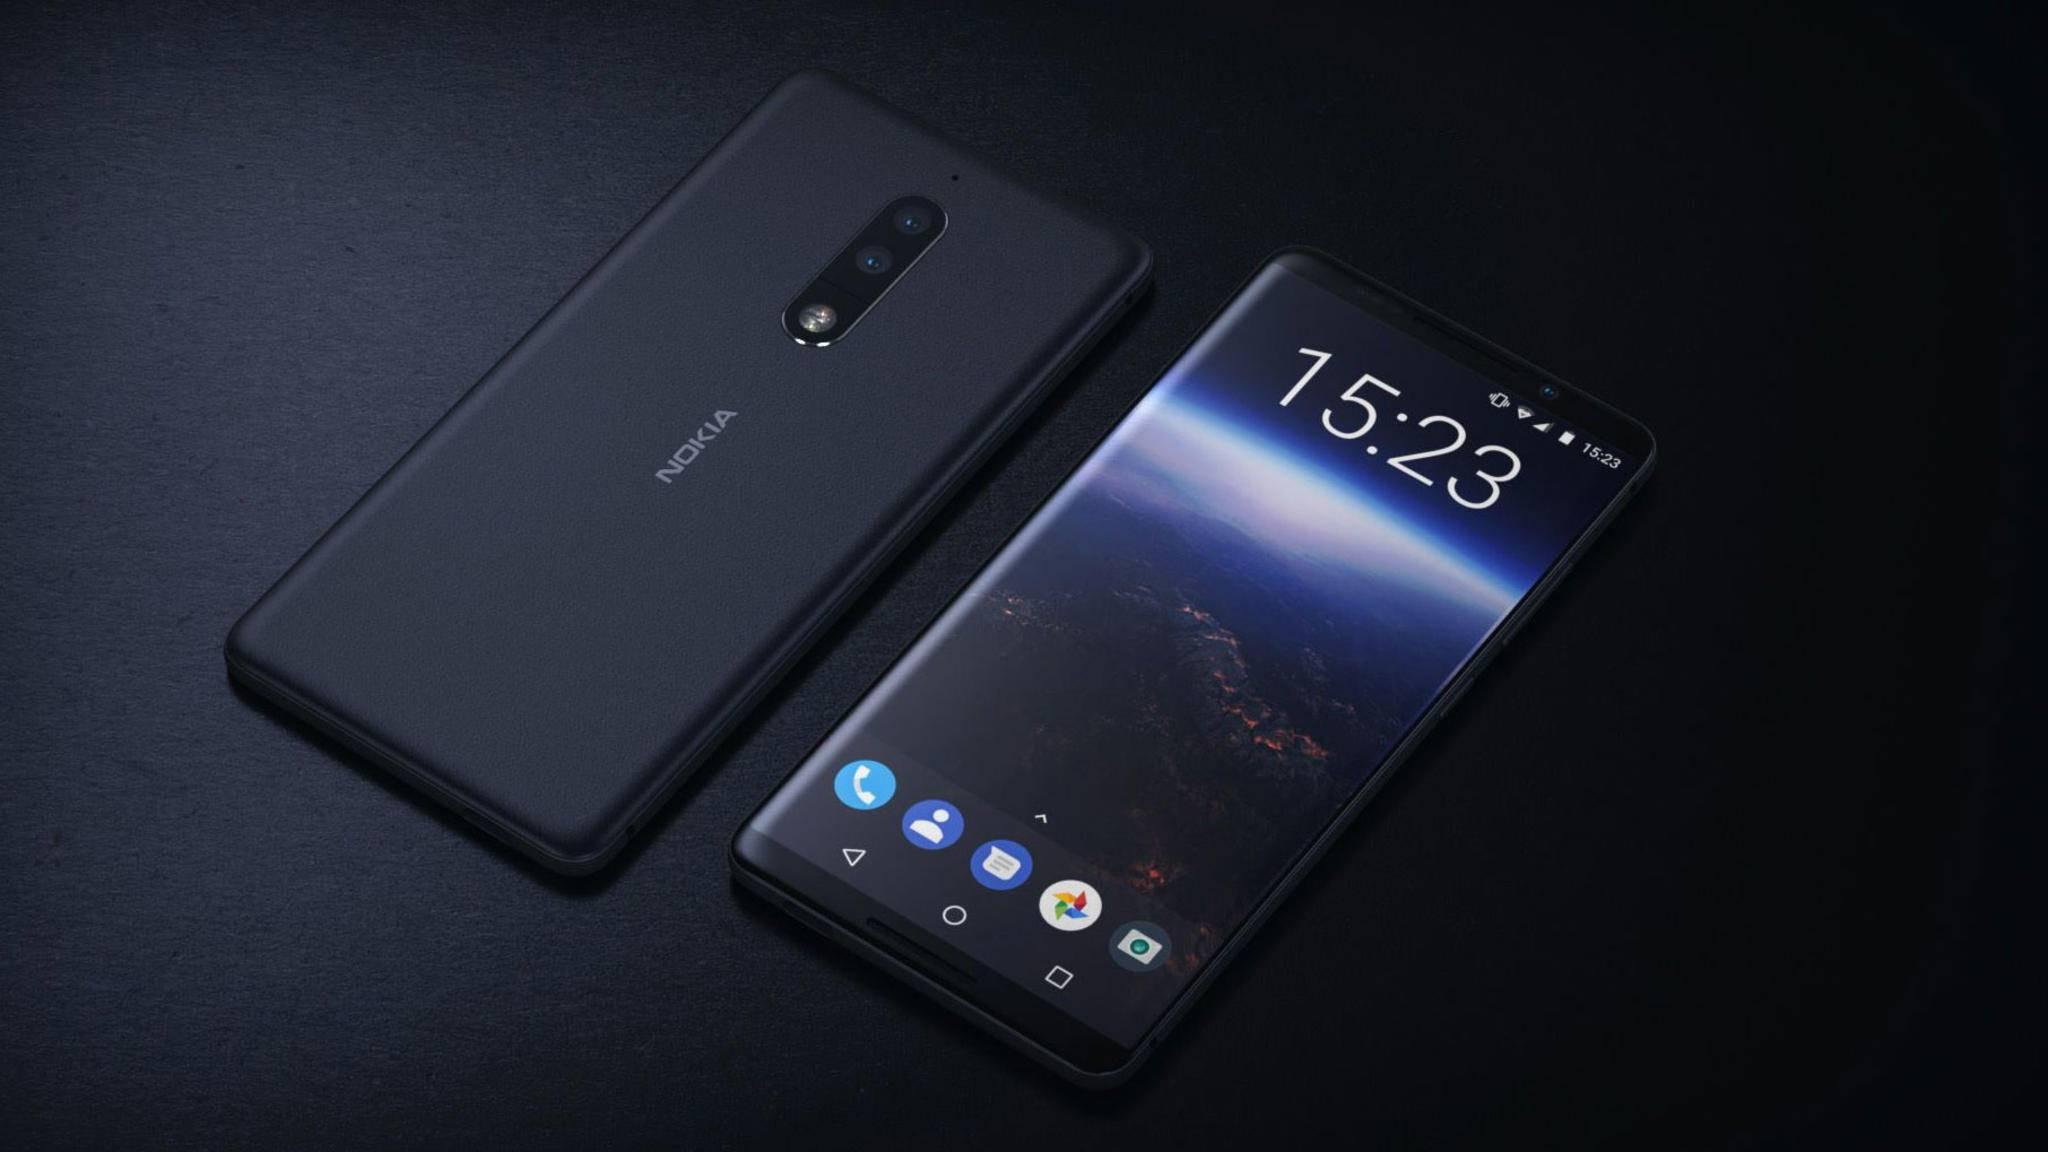 Das Nokia 8 wird bald Release feiern können.